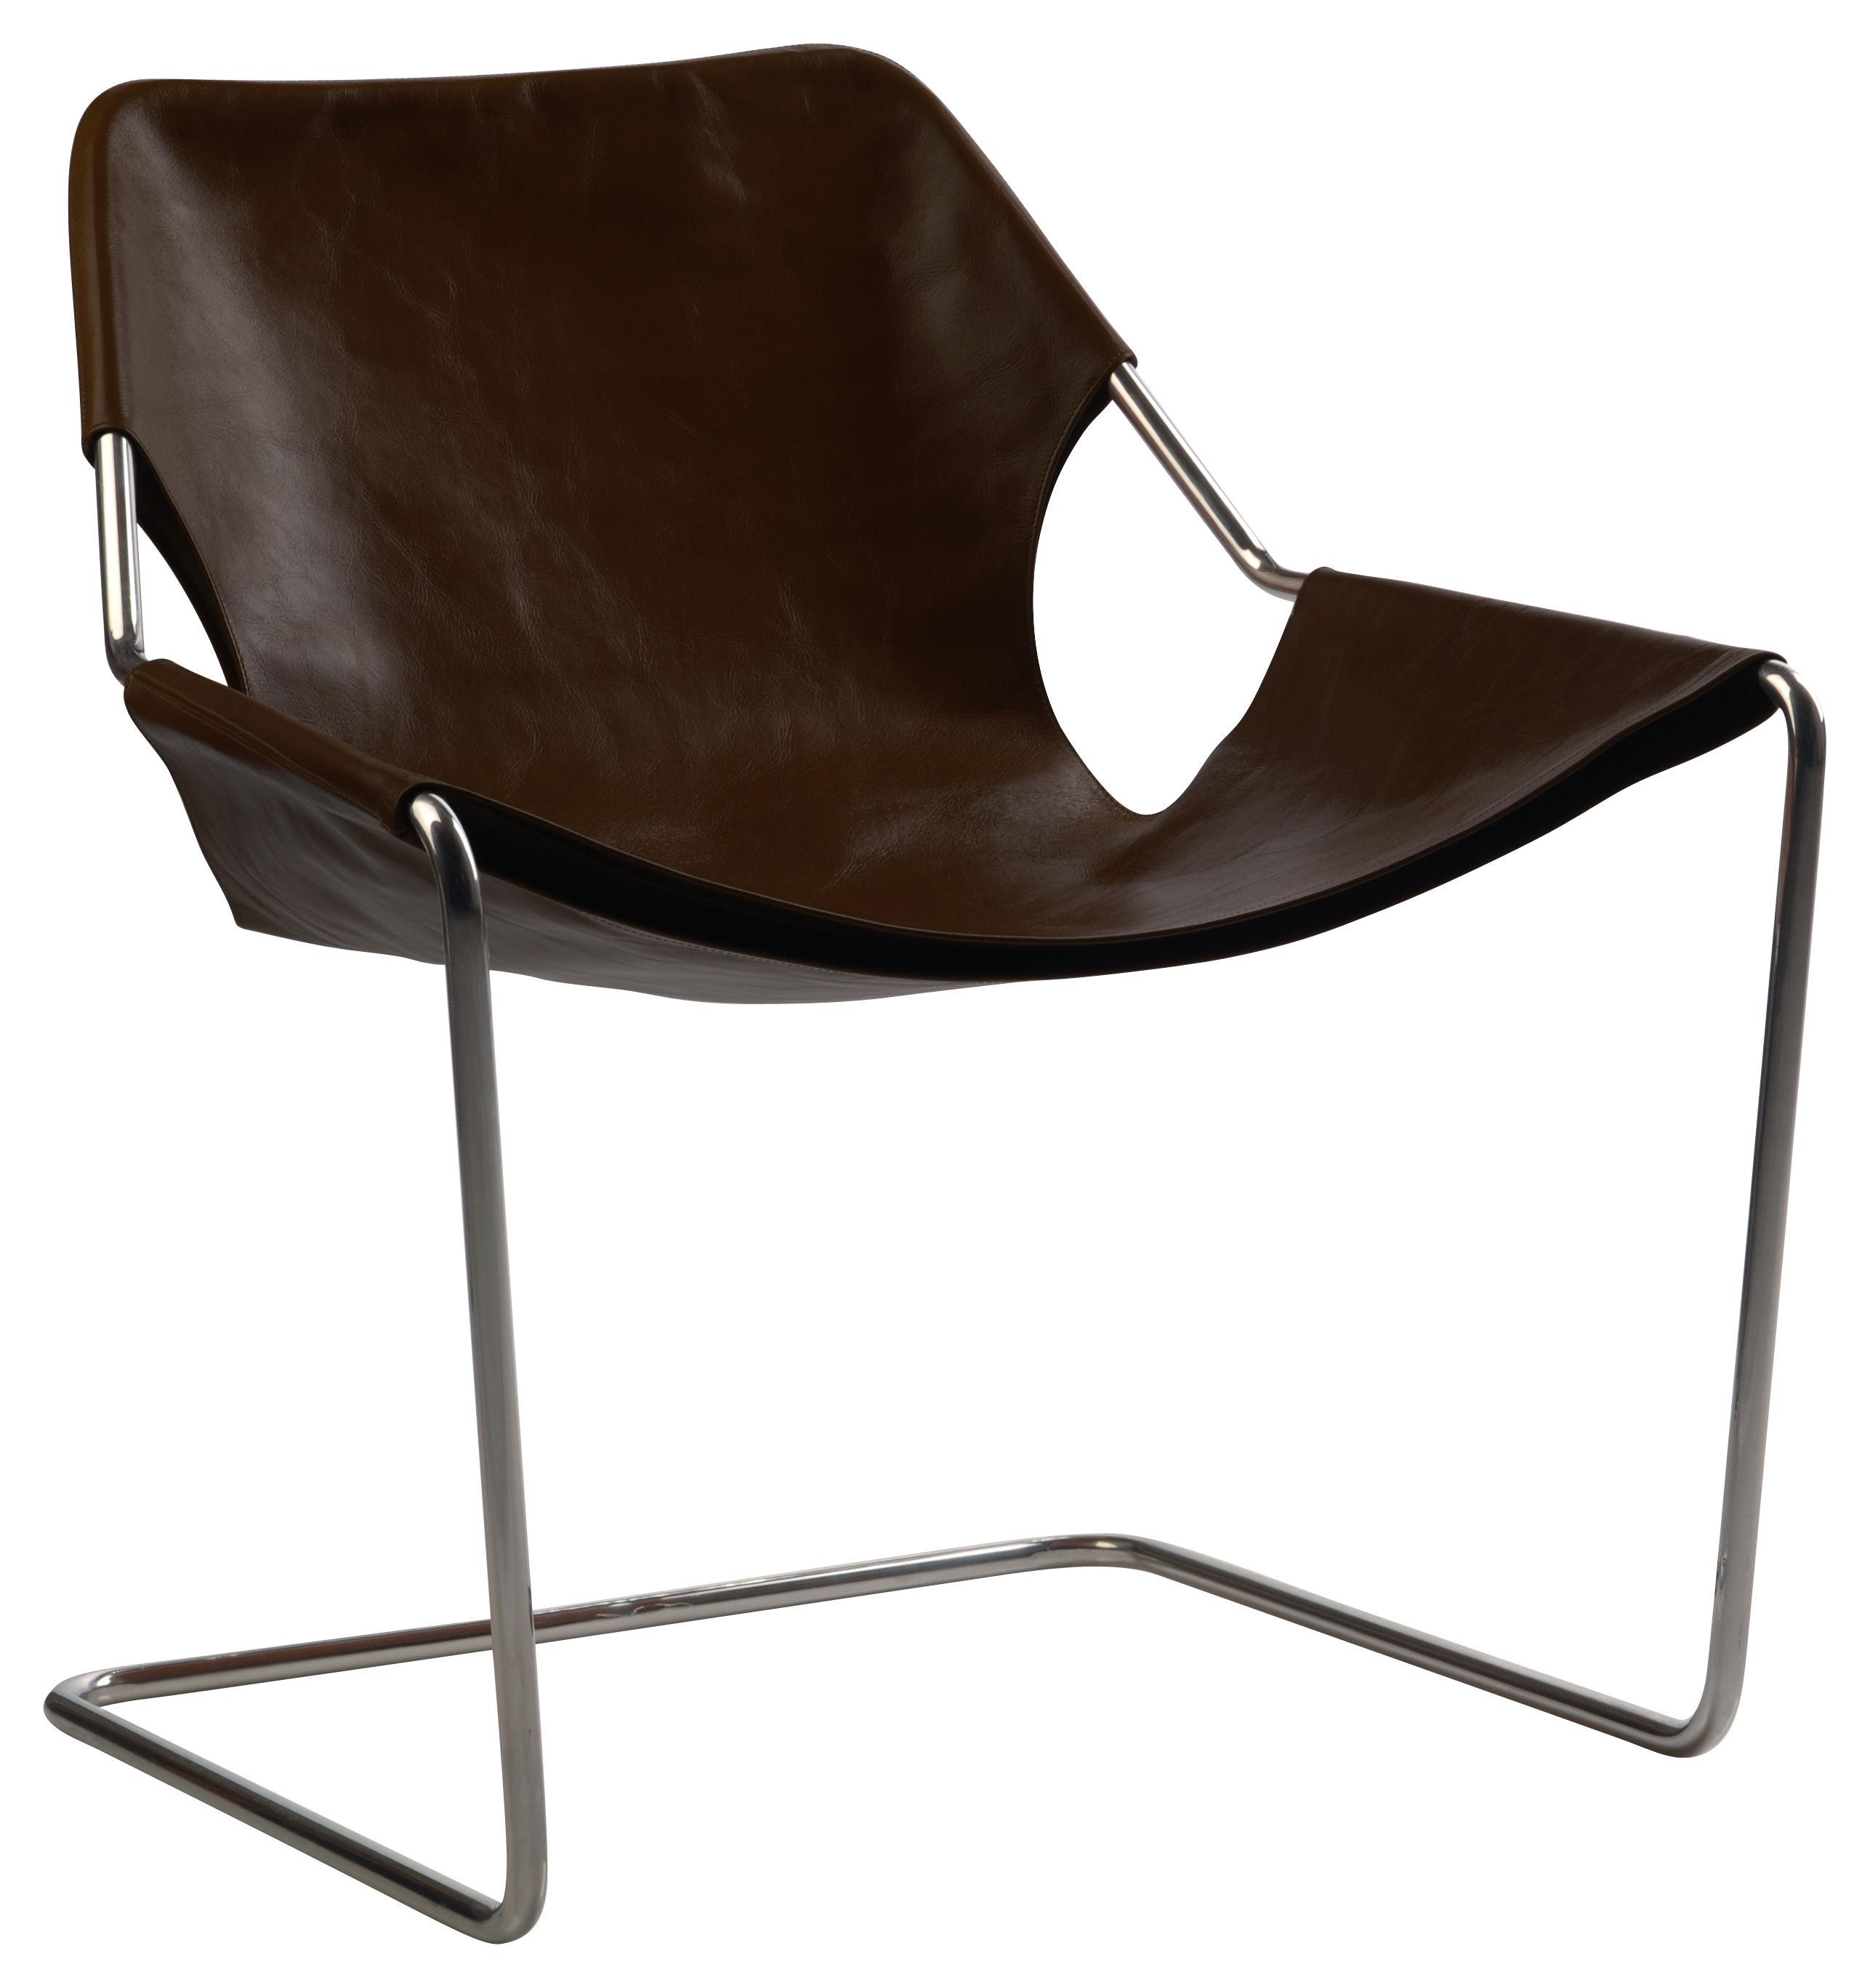 Möbel - Lounge Sessel - Paulistano Sessel Edelstahl - Objekto - Makassar - Leder